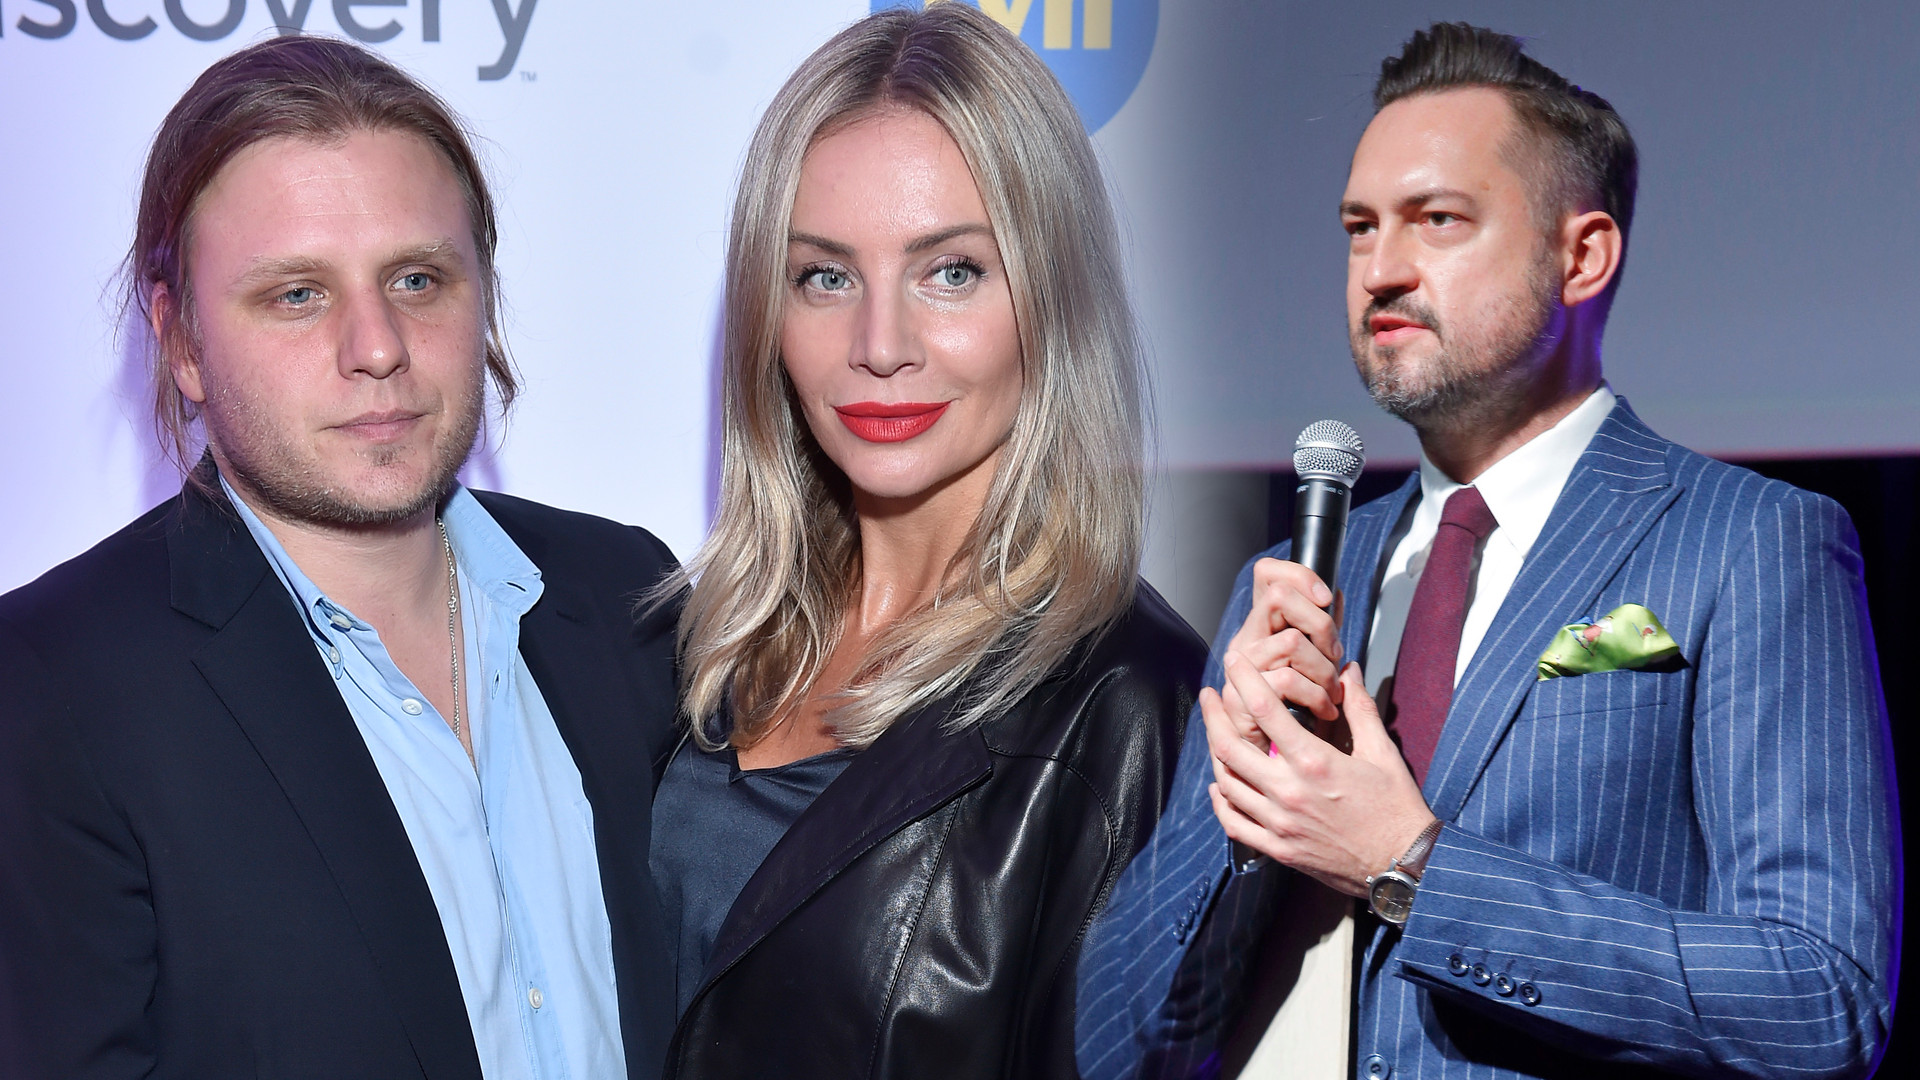 Marcin Prokop podczas konferencji TVN skierował do Agnieszki Woźniak-Starak te słowa